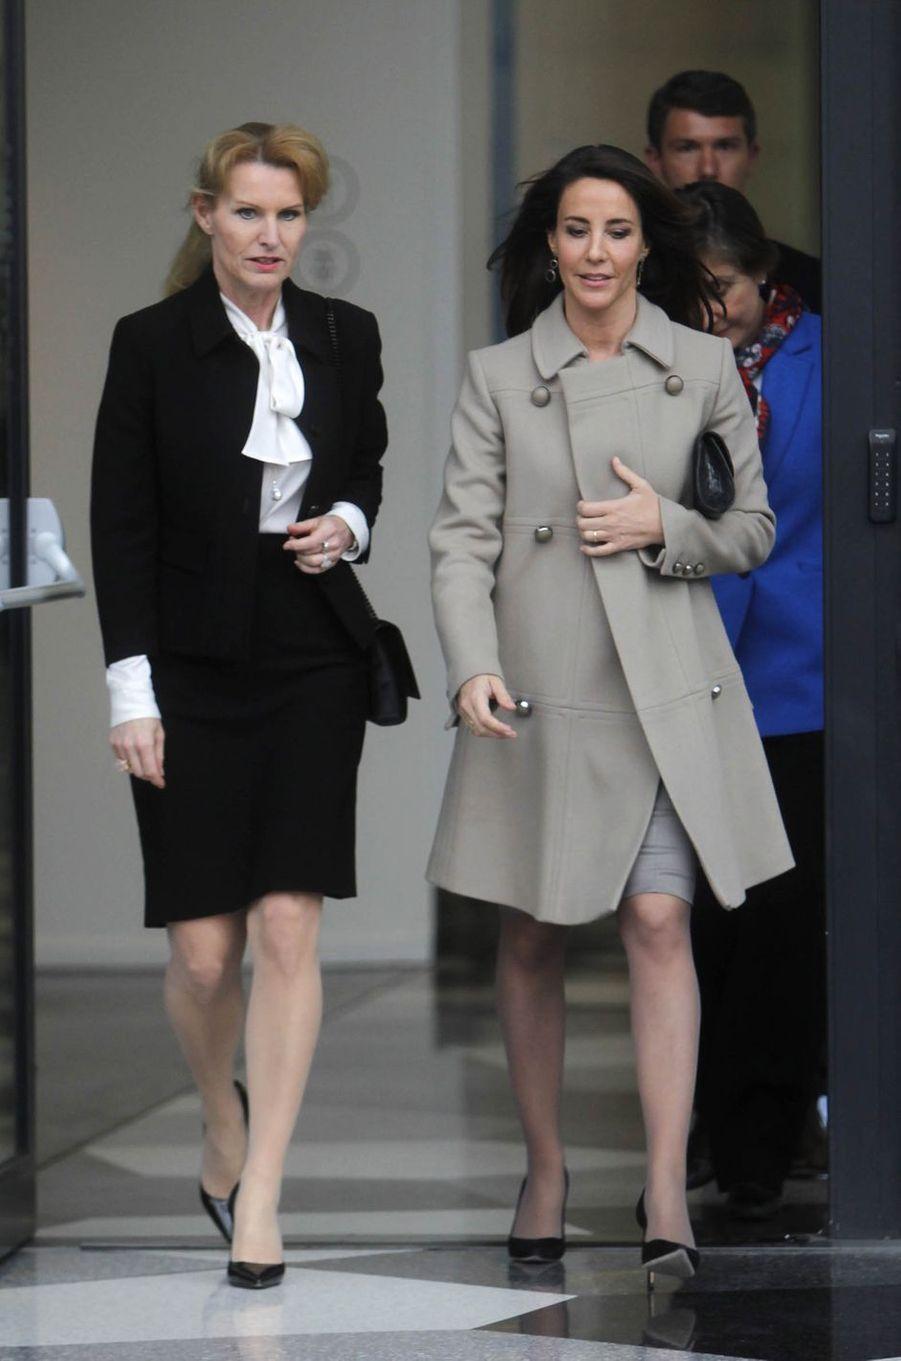 La princesse Marie de Danemark, le 20 mars 2019 à Copenhague